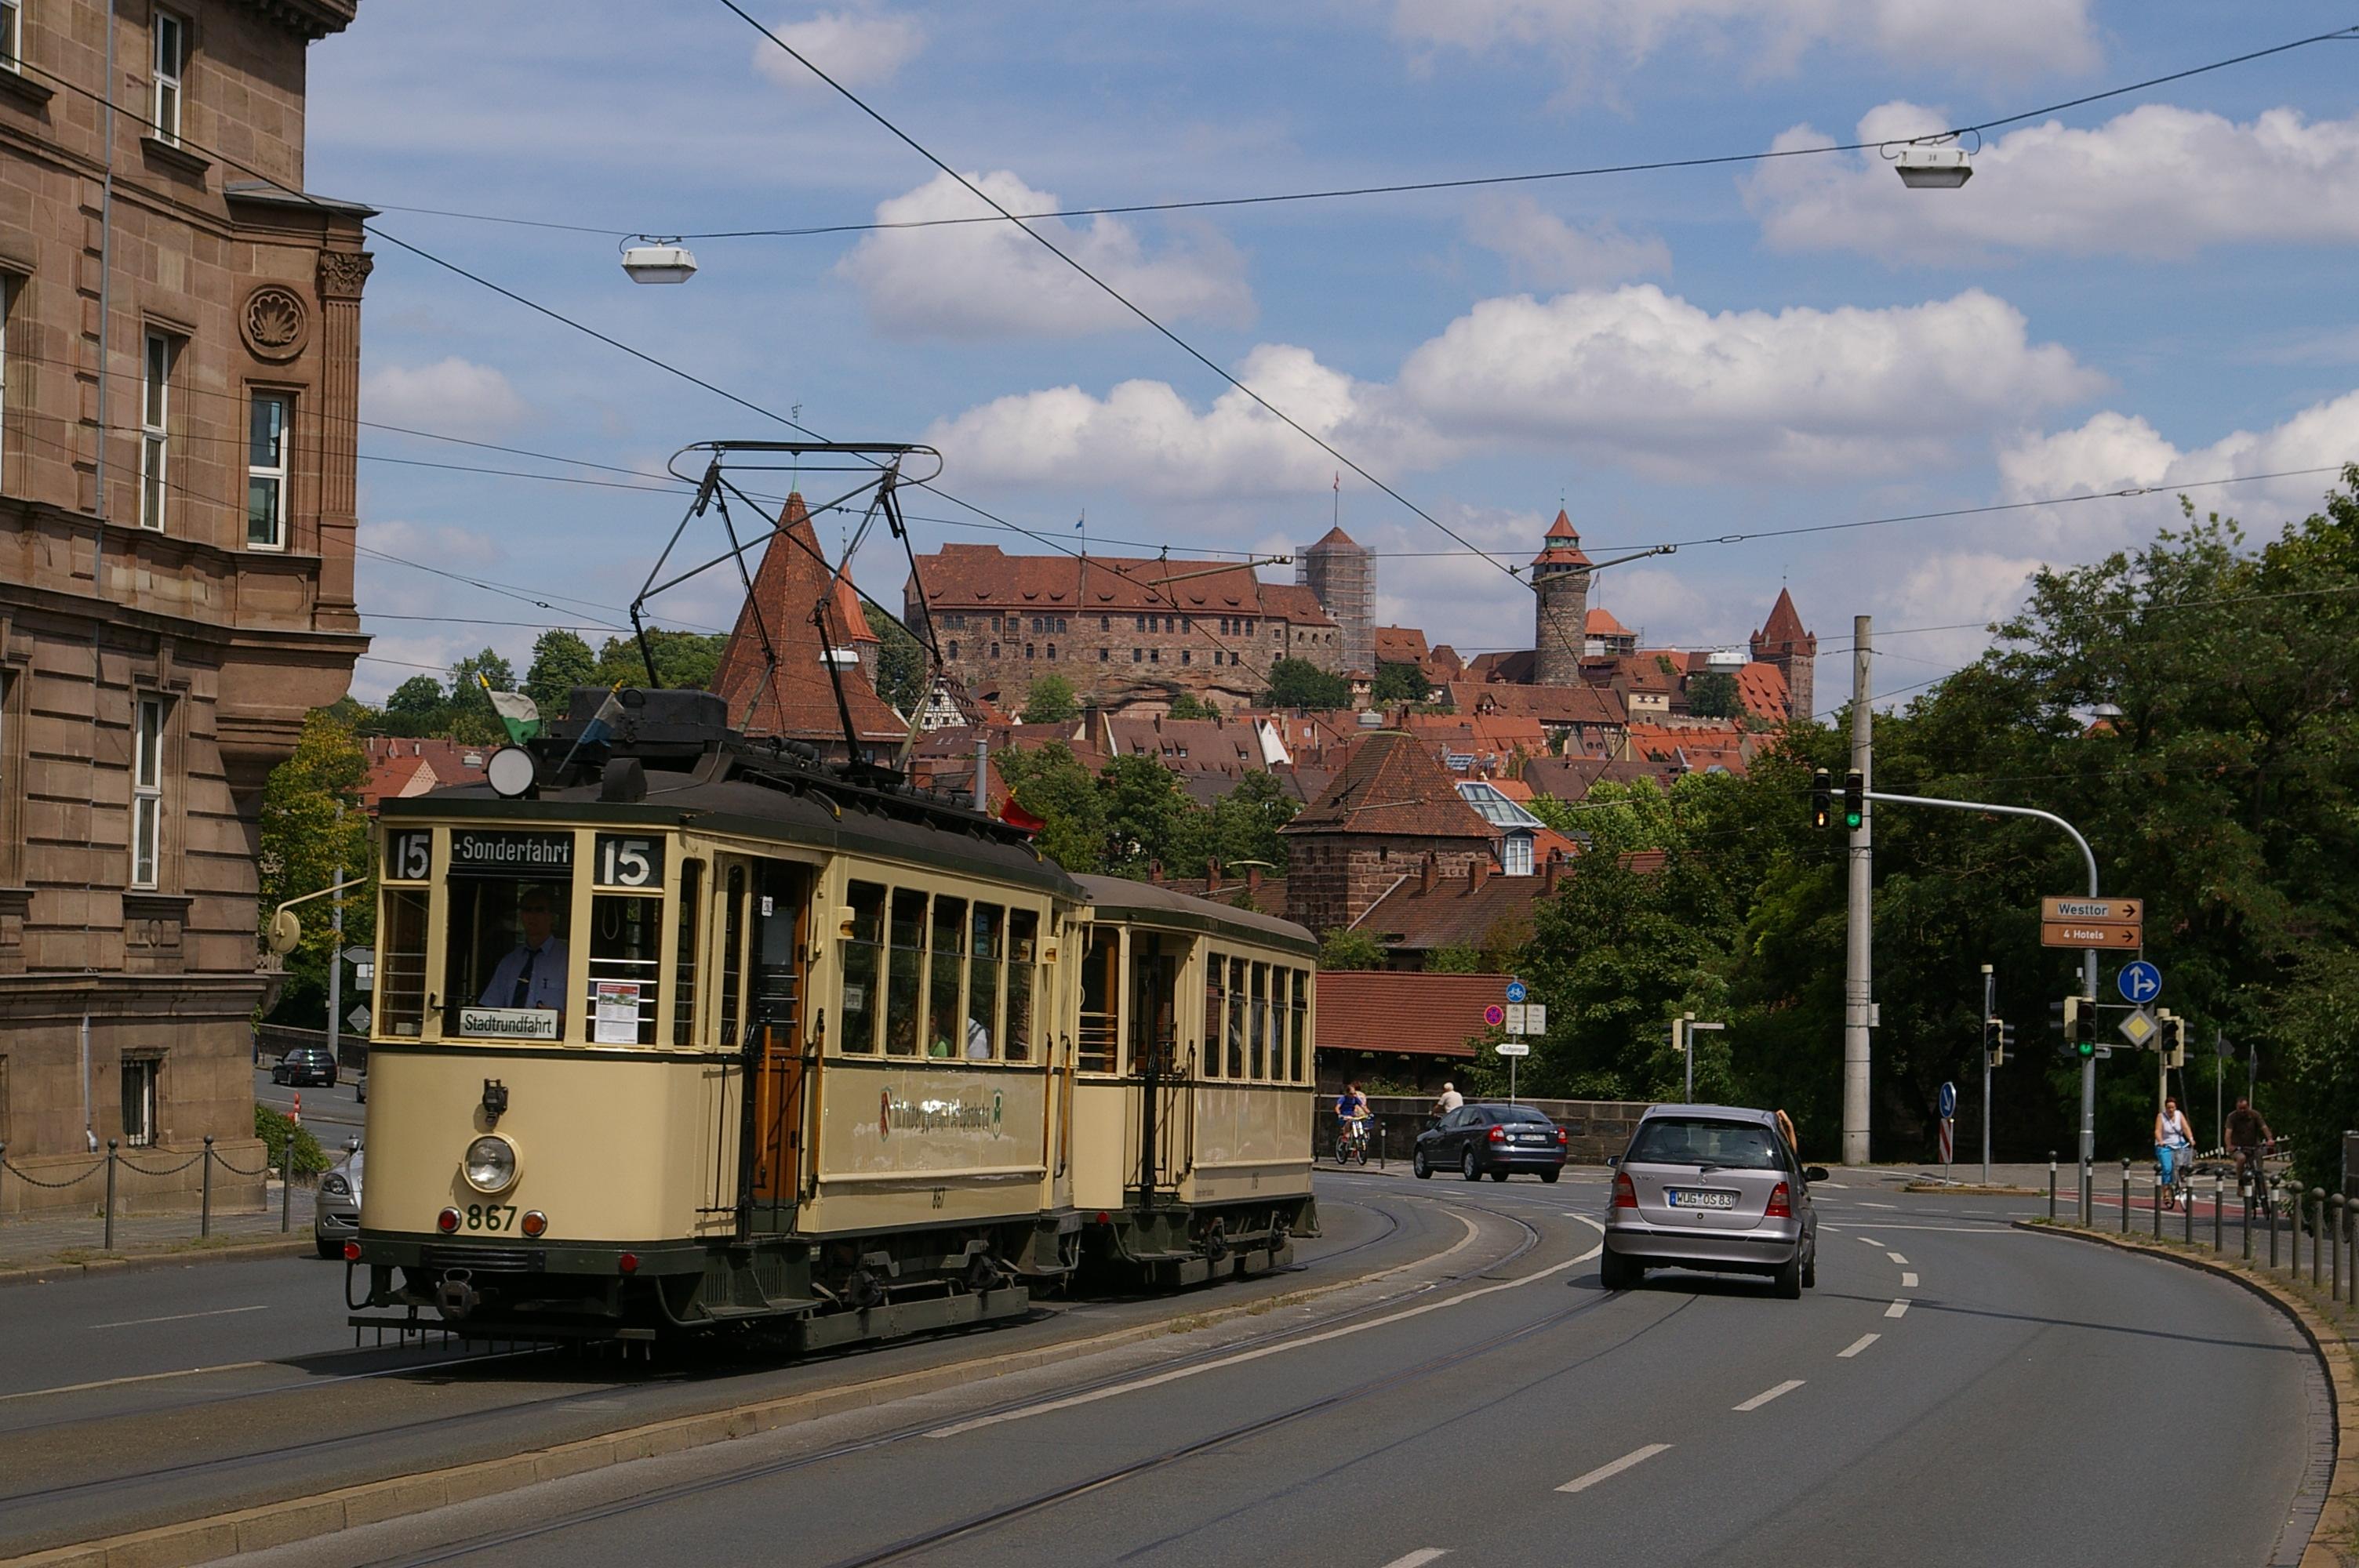 Unser Historisches Straßenbahndepot St Peter Museum